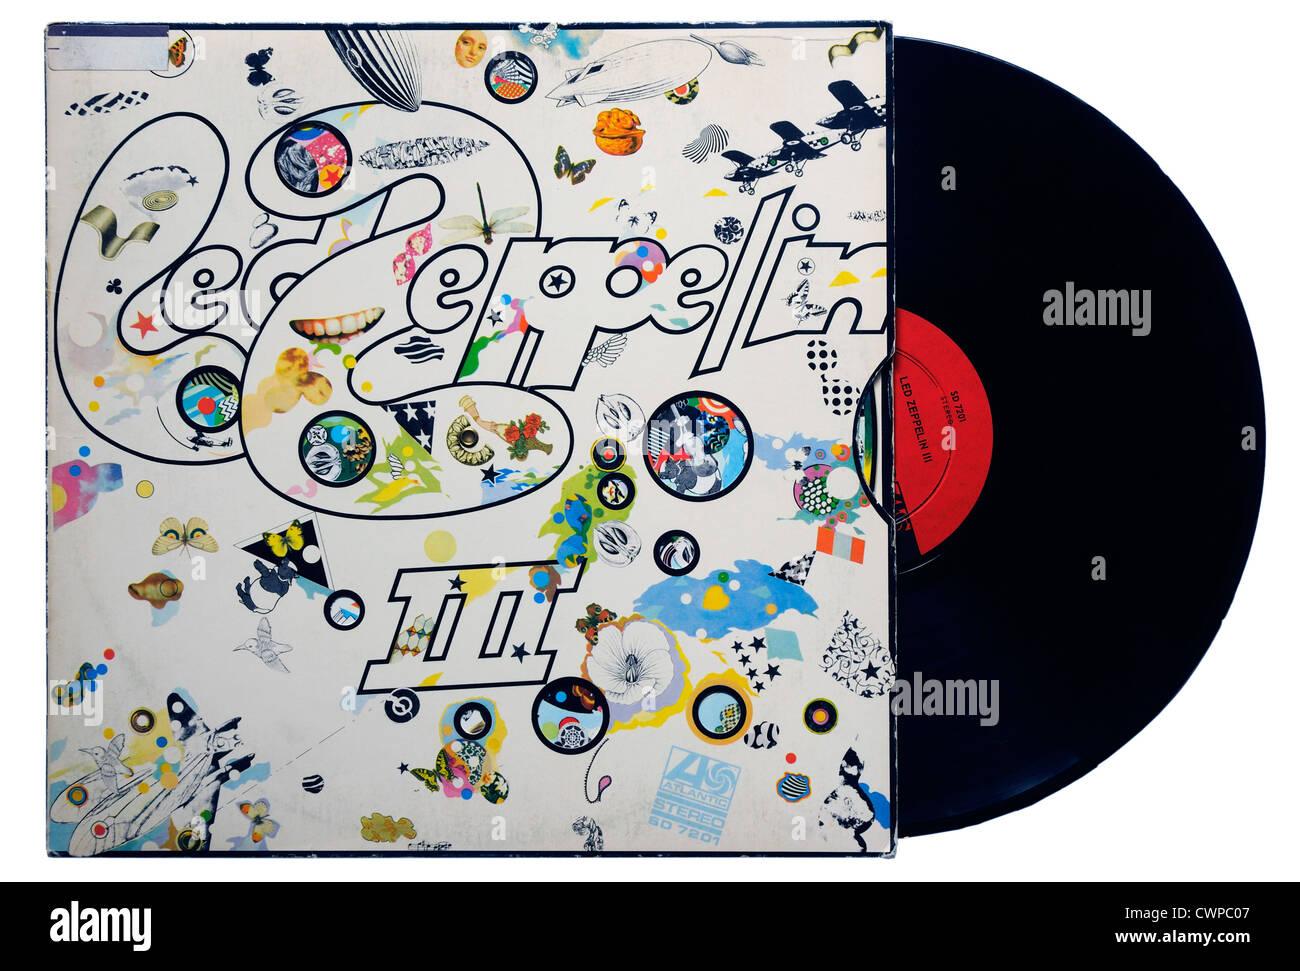 Led Zeppelin III album - Stock Image